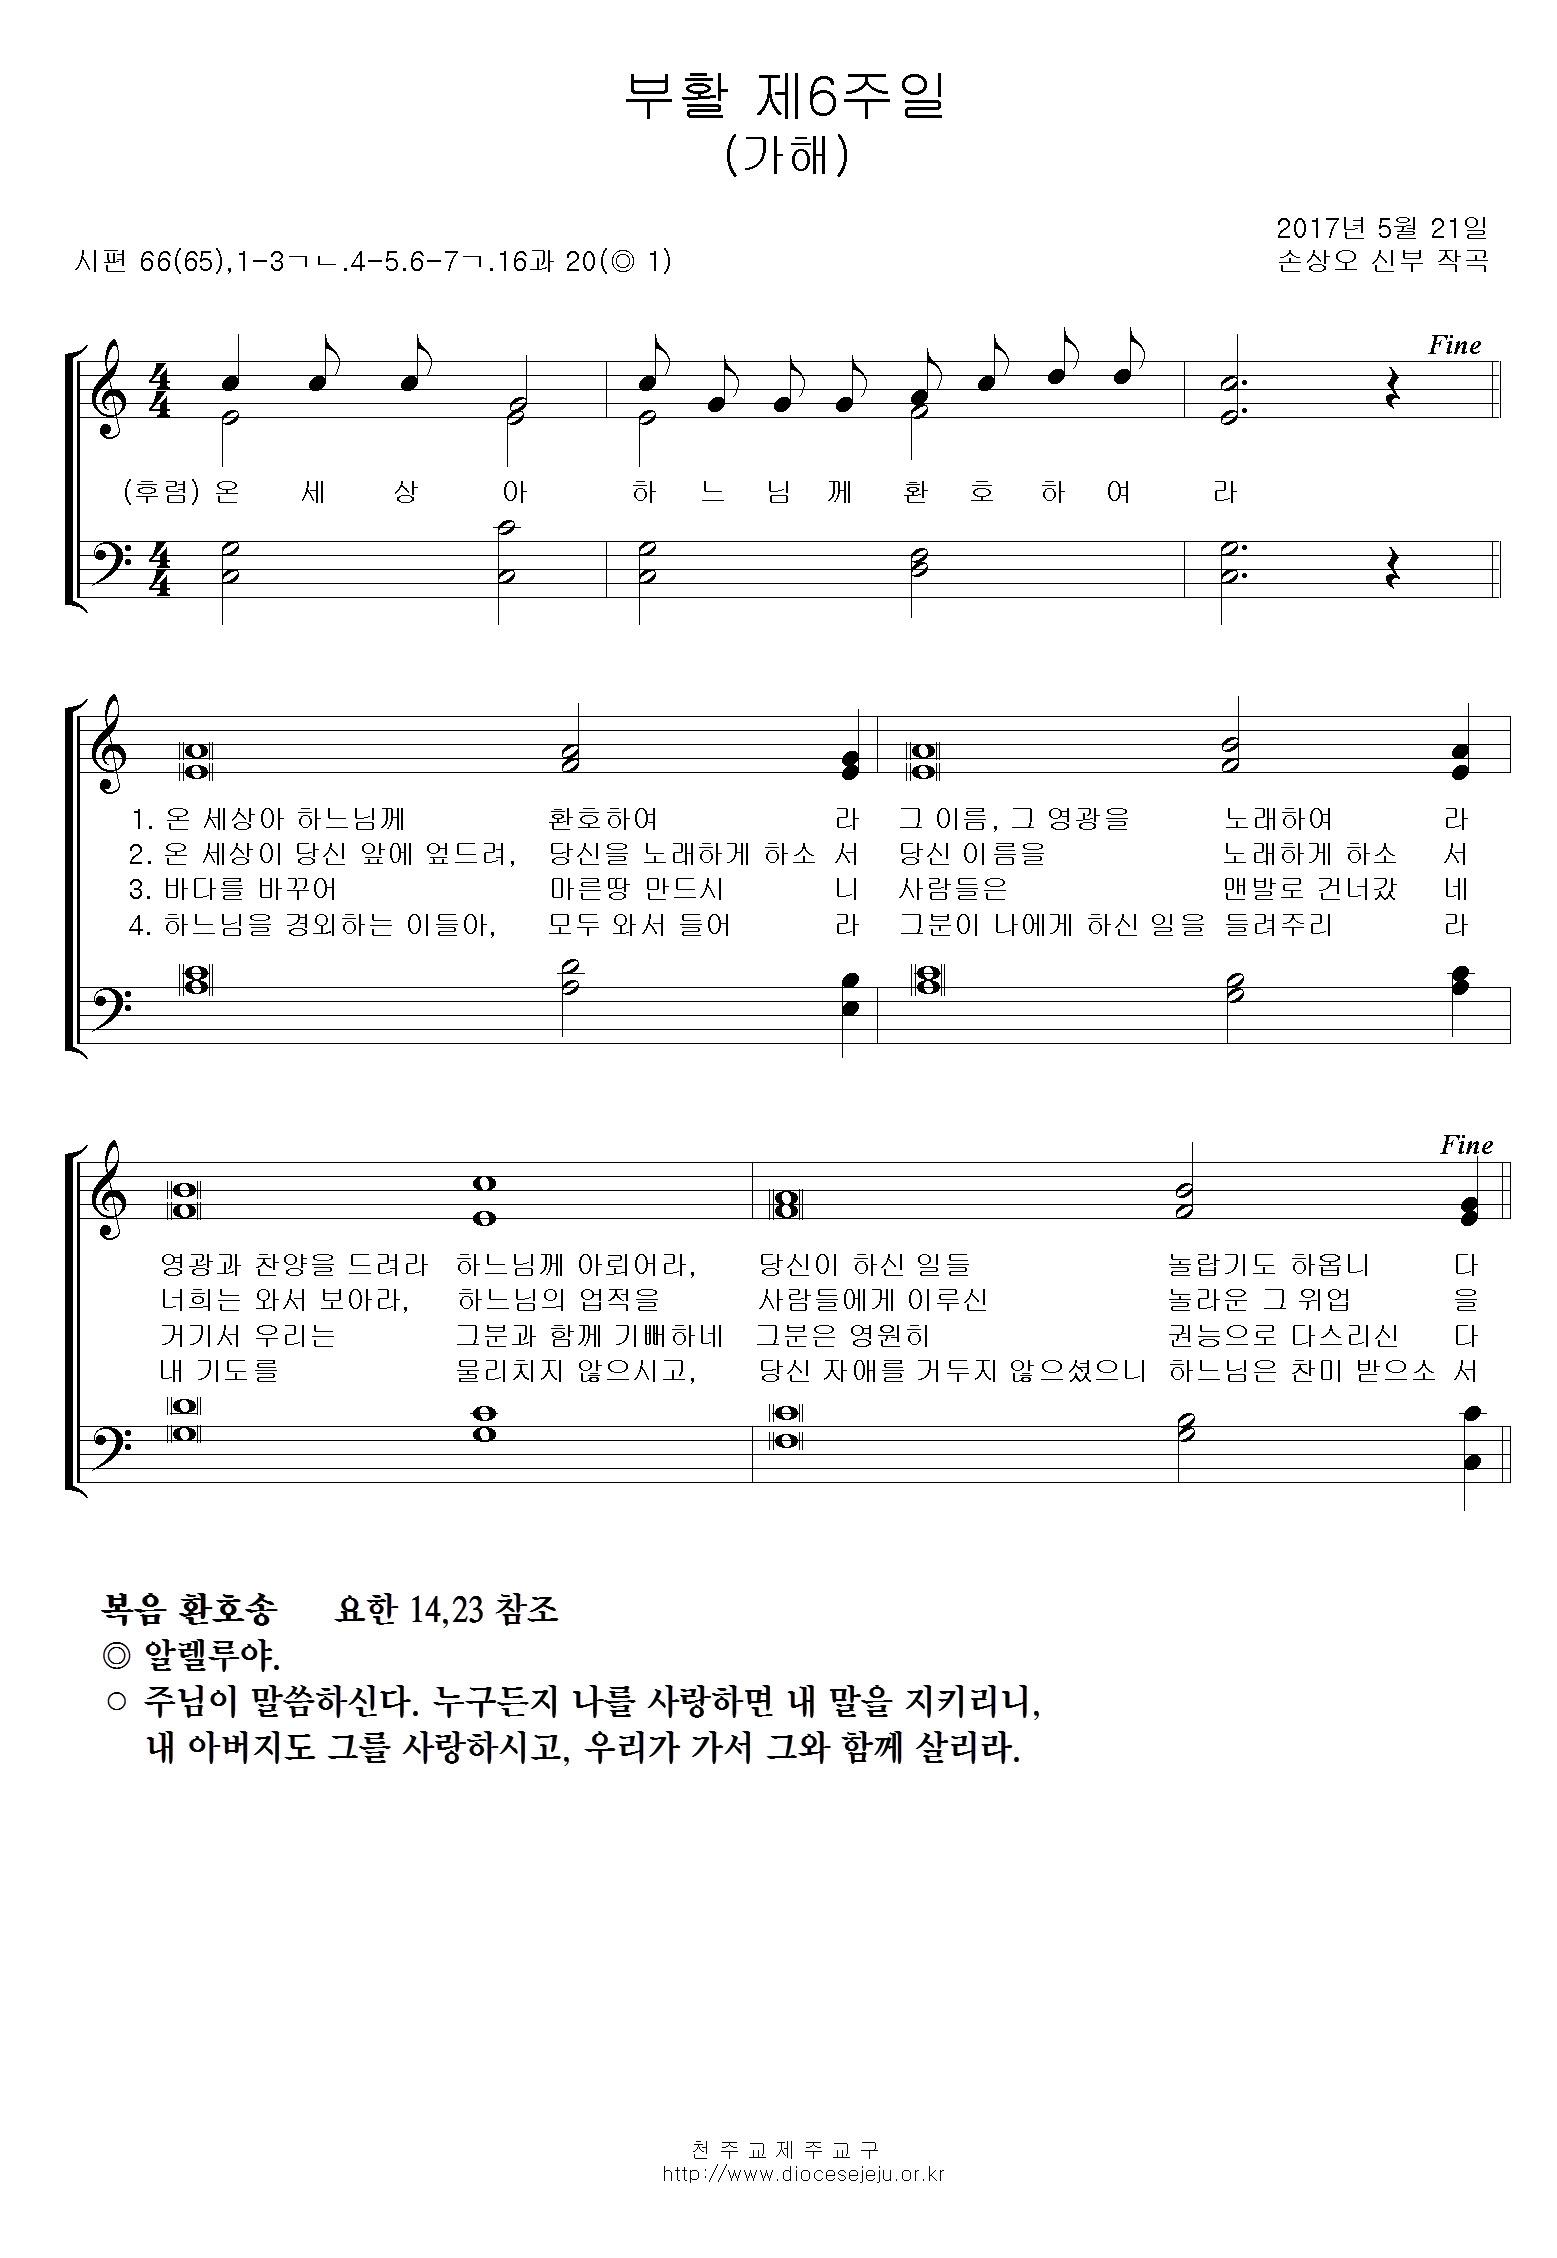 20170521-부활 제6주일(가해).jpg